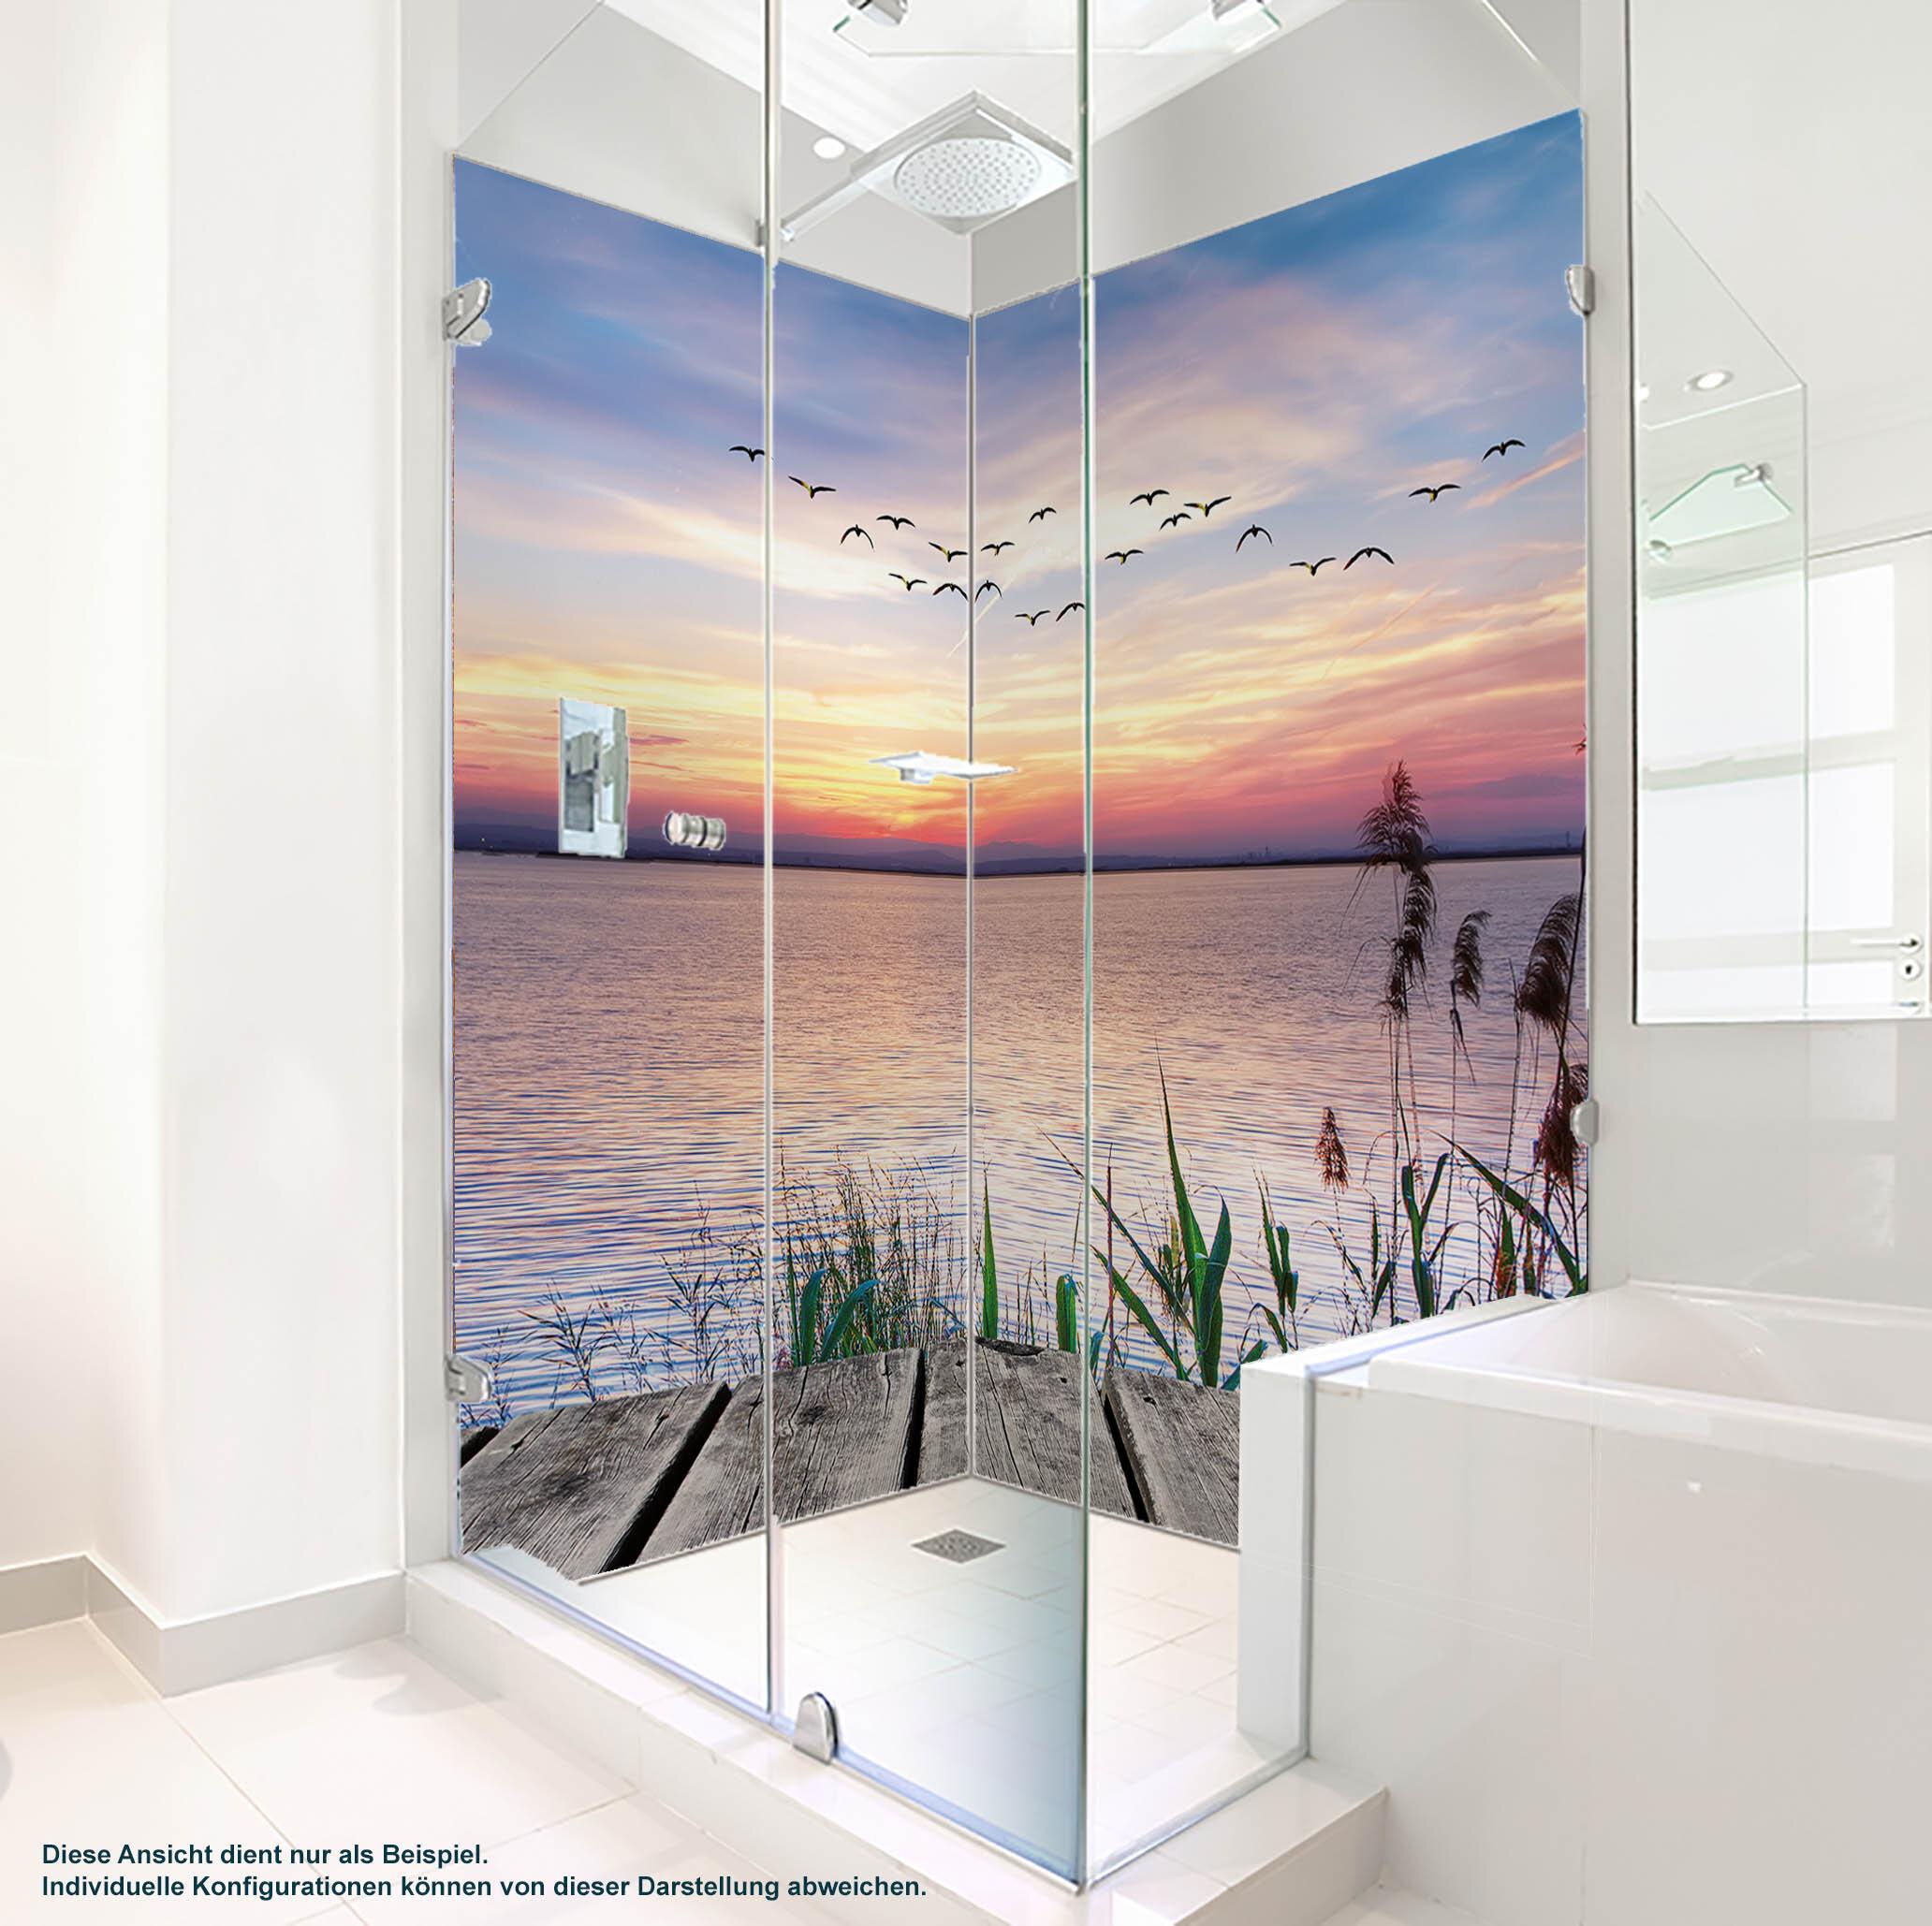 Dusche PlateART Duschrückwand mit Motiv Strand und Meer Steg Abendsonne